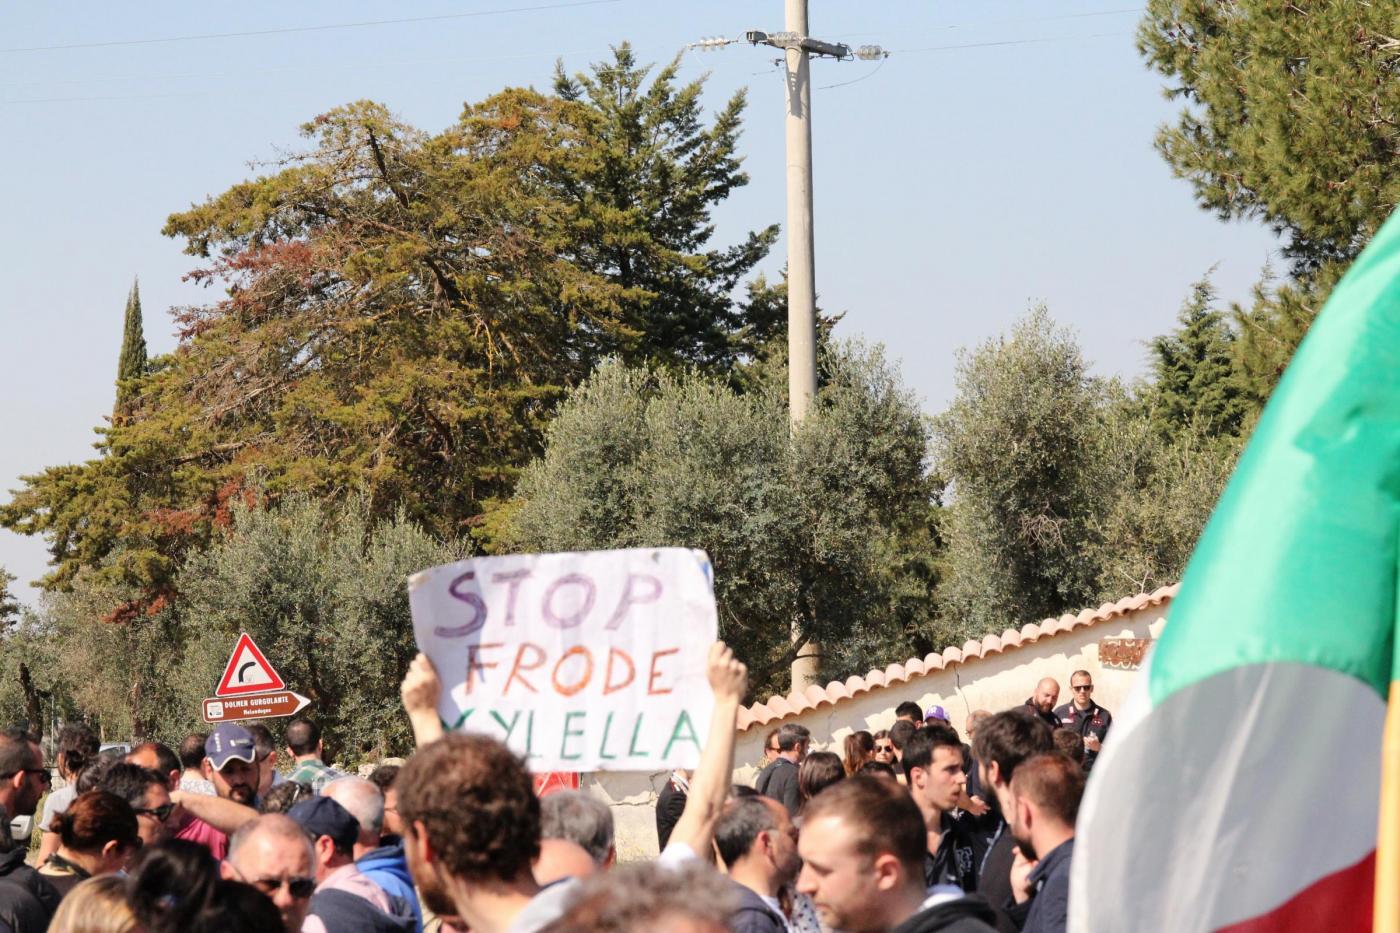 Tap gasdotto in Puglia: quali sono le ragioni della protesta?